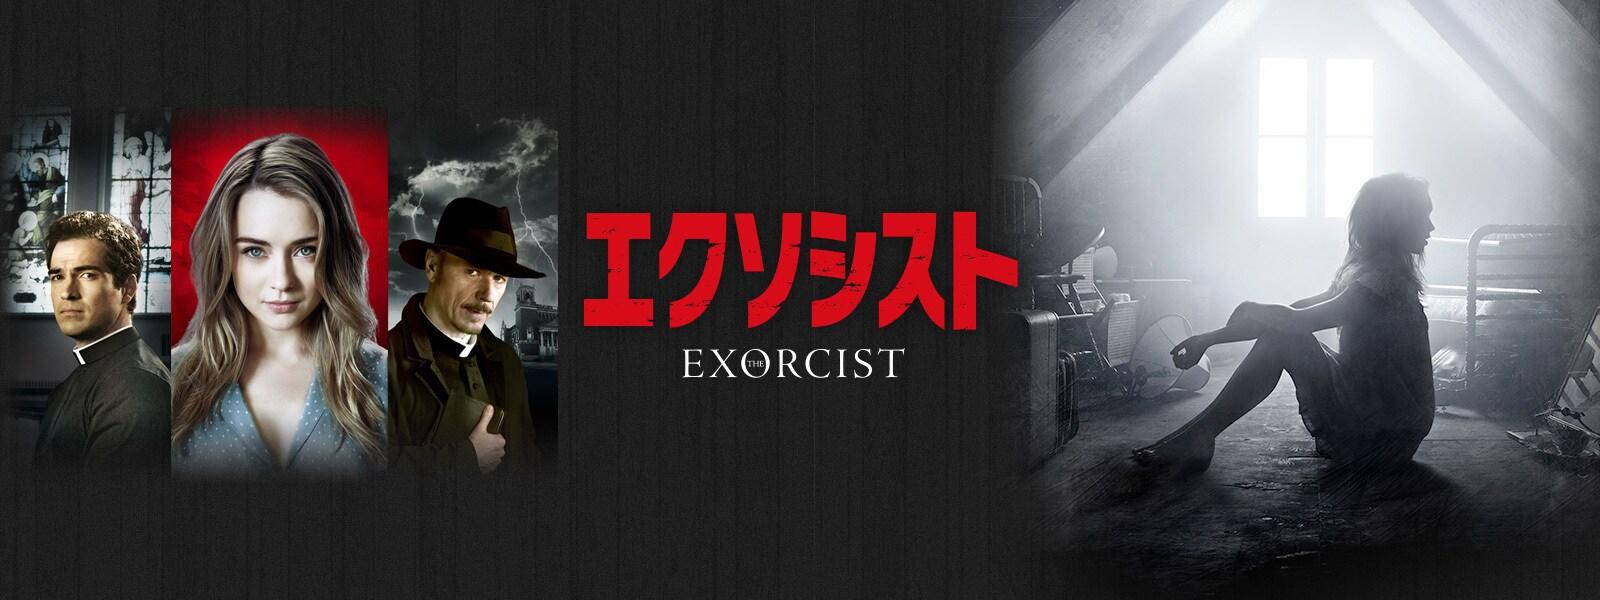 エクソシスト The Exorcist Hero Object